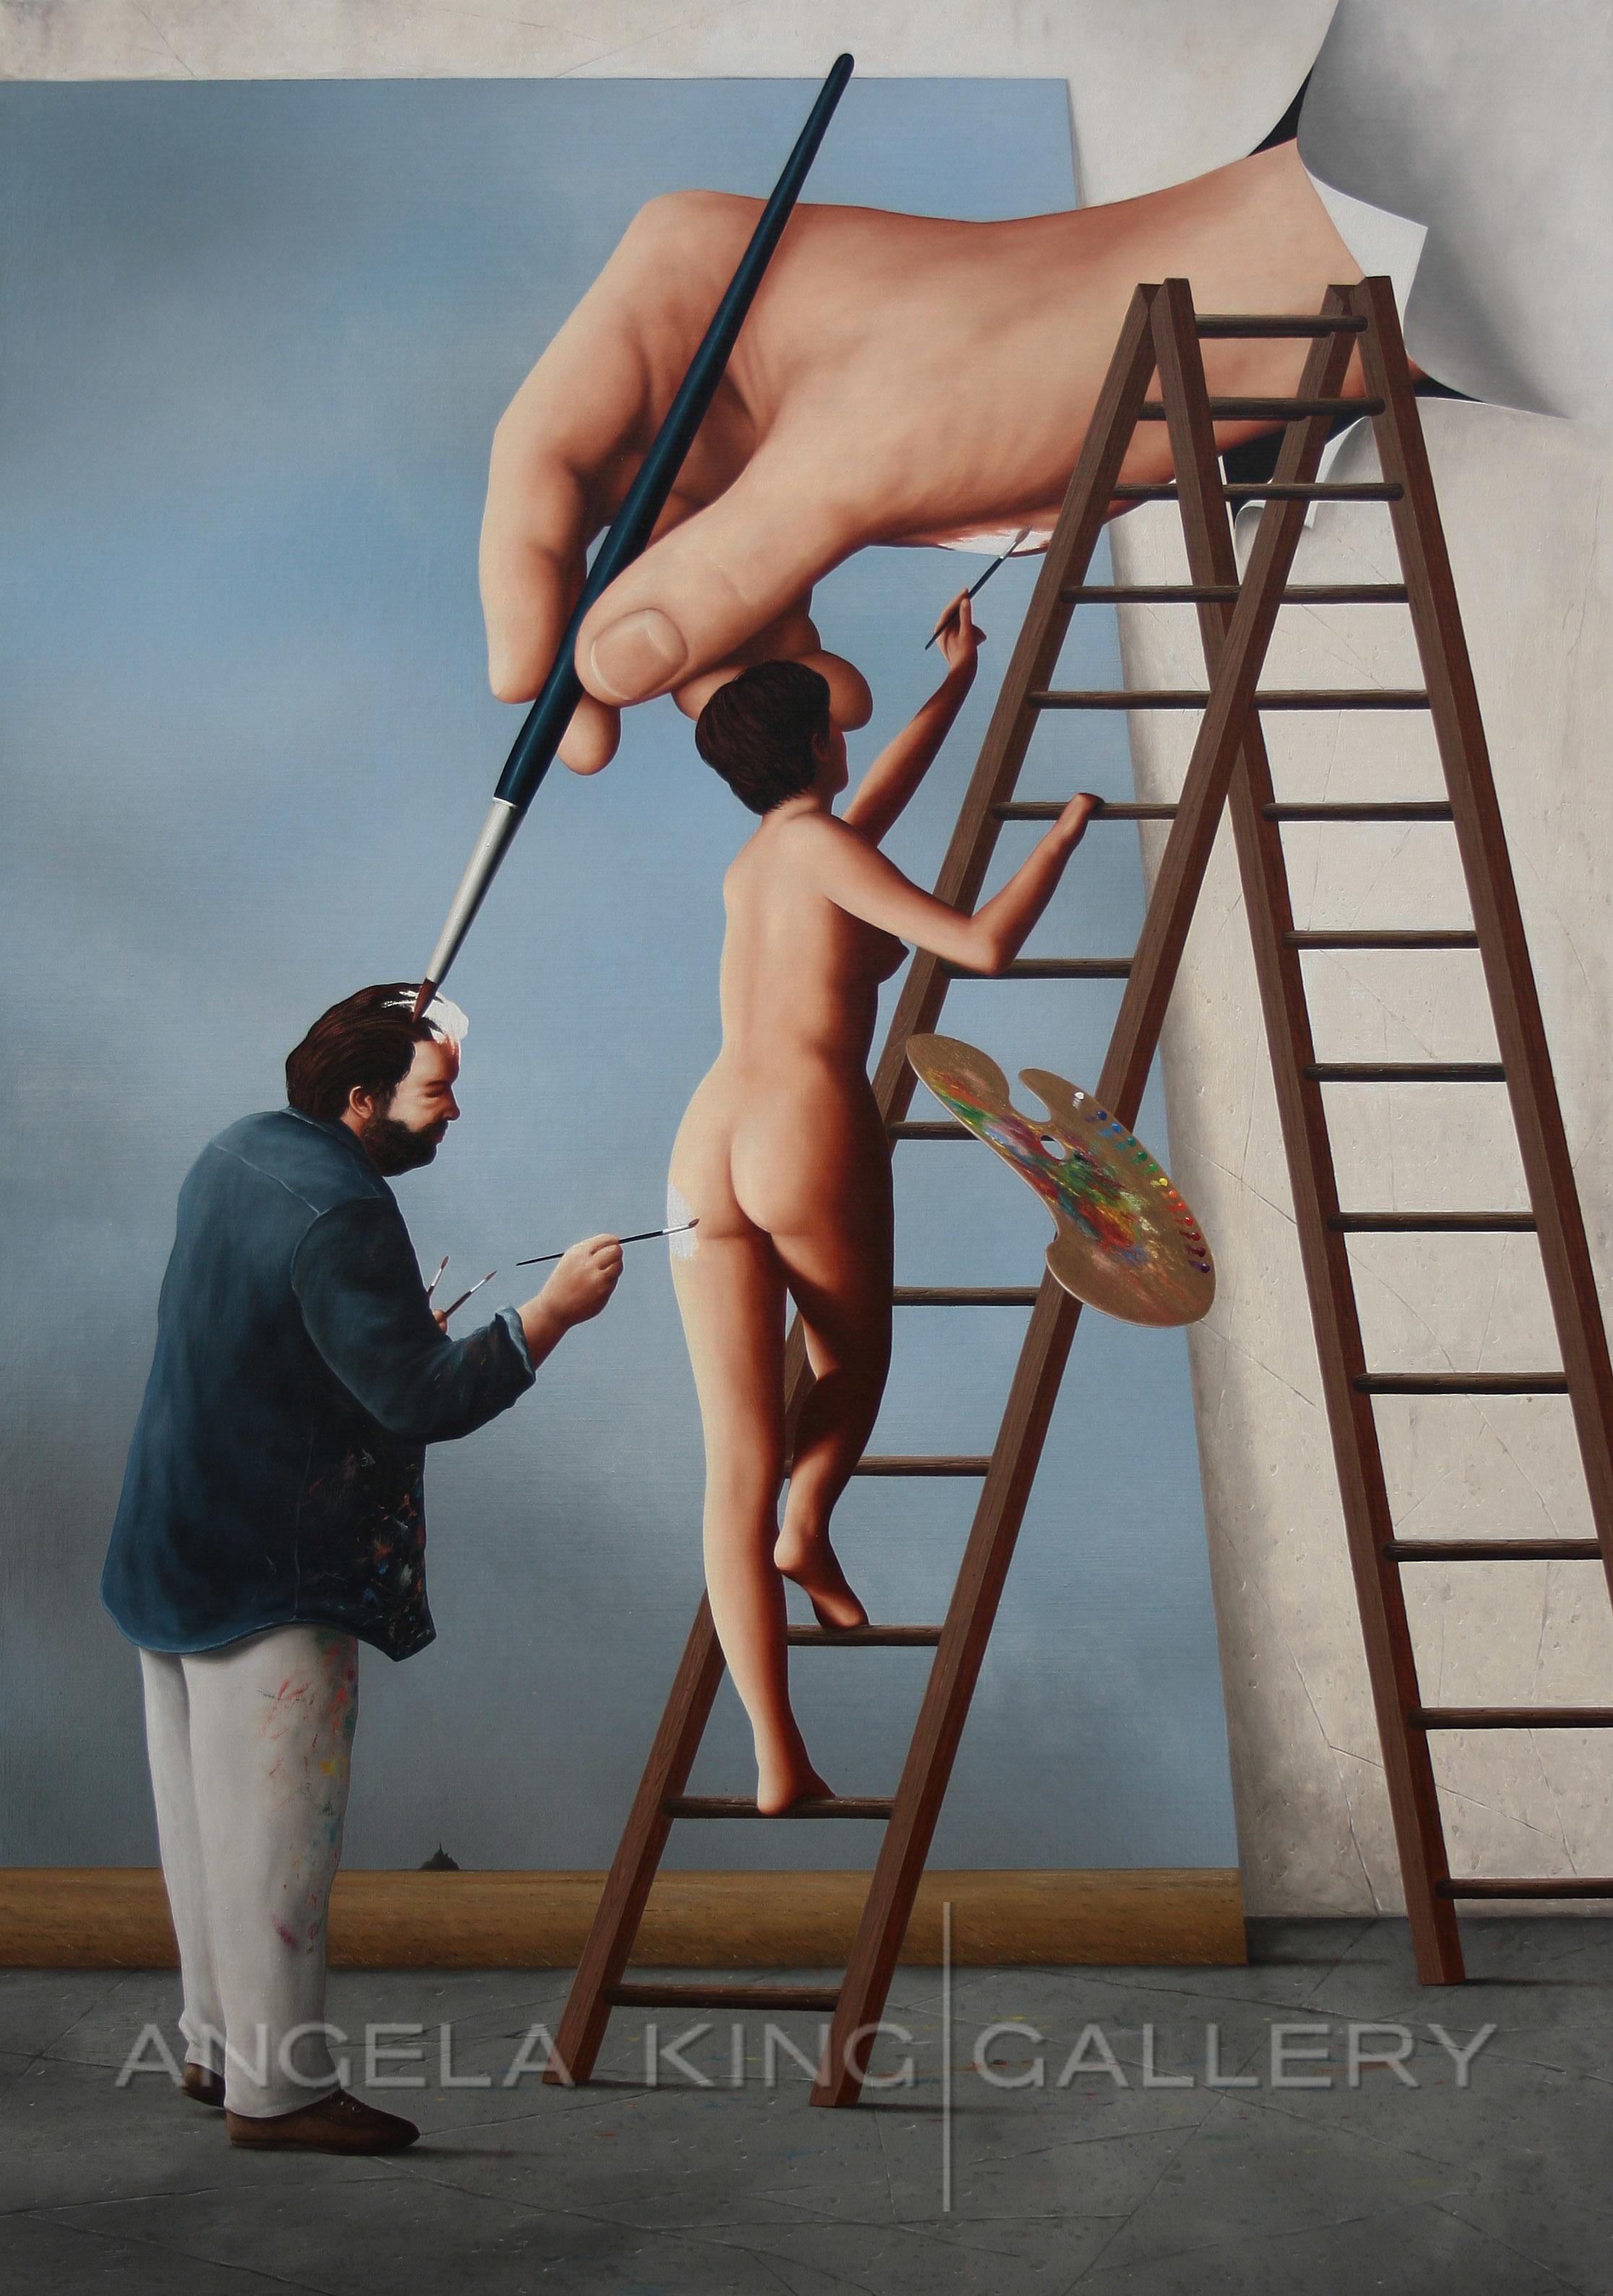 Les Mysteres de la Peinture - The Mysteries of Painting